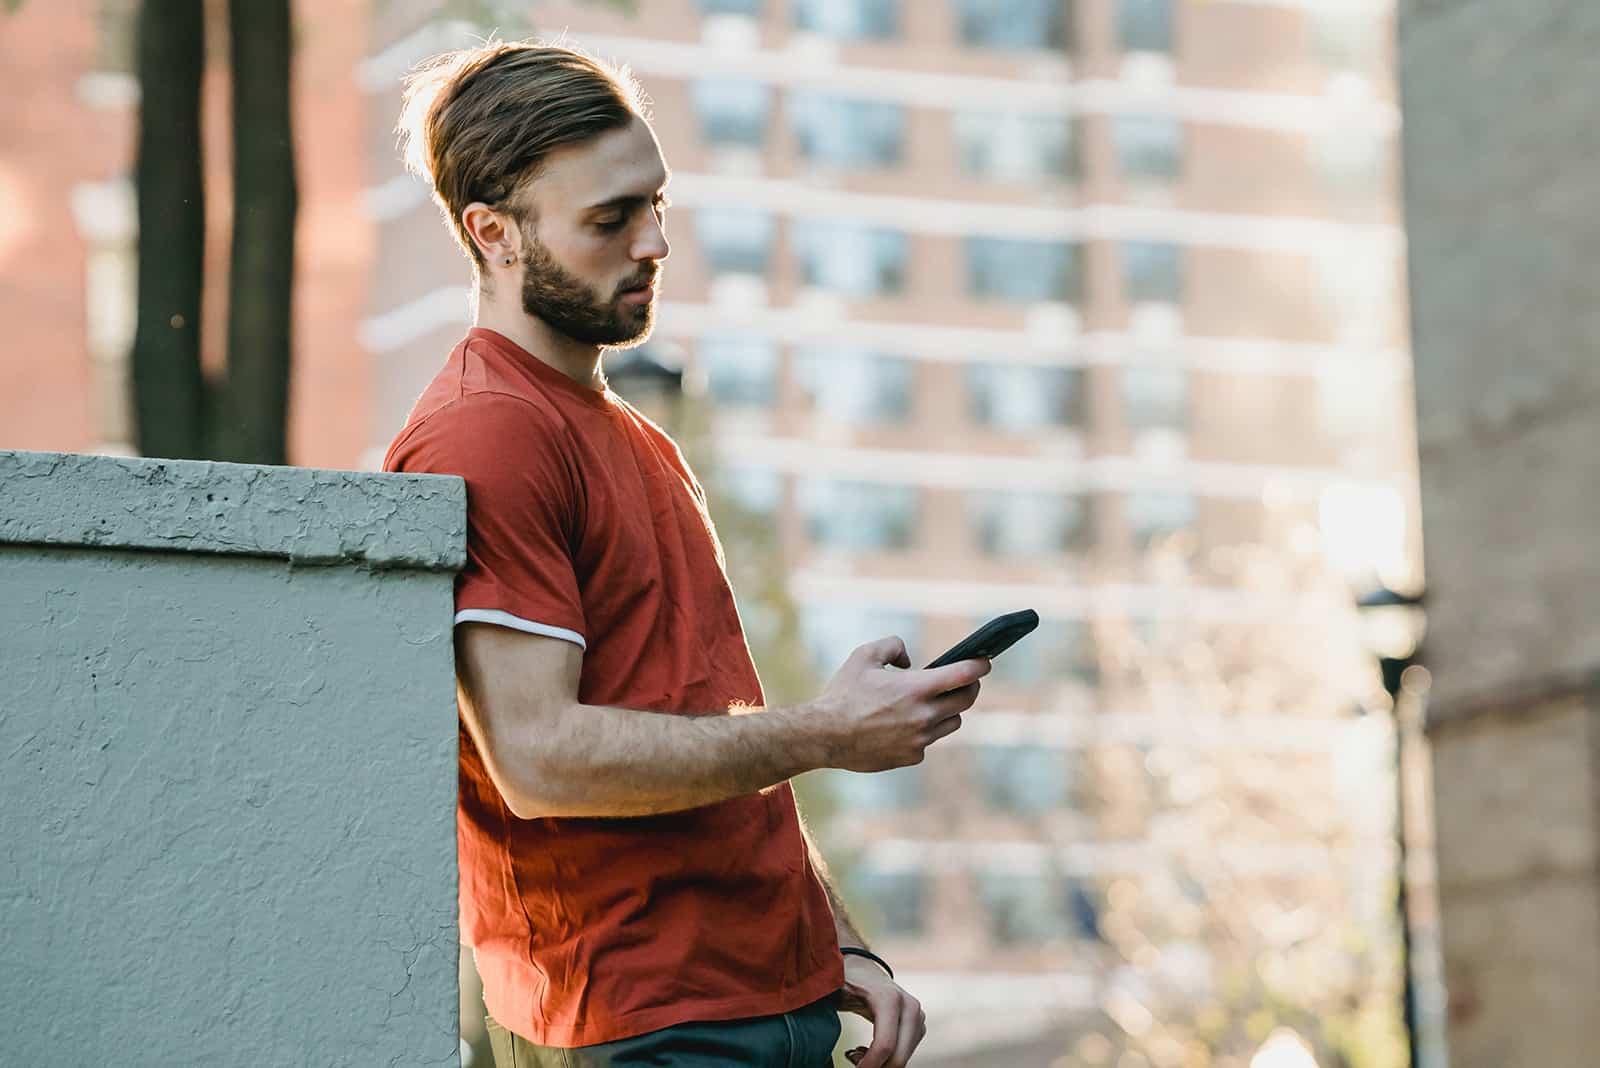 Ein Mann überprüfte sein Smartphone und lehnte sich an die Betonwand in der Straße